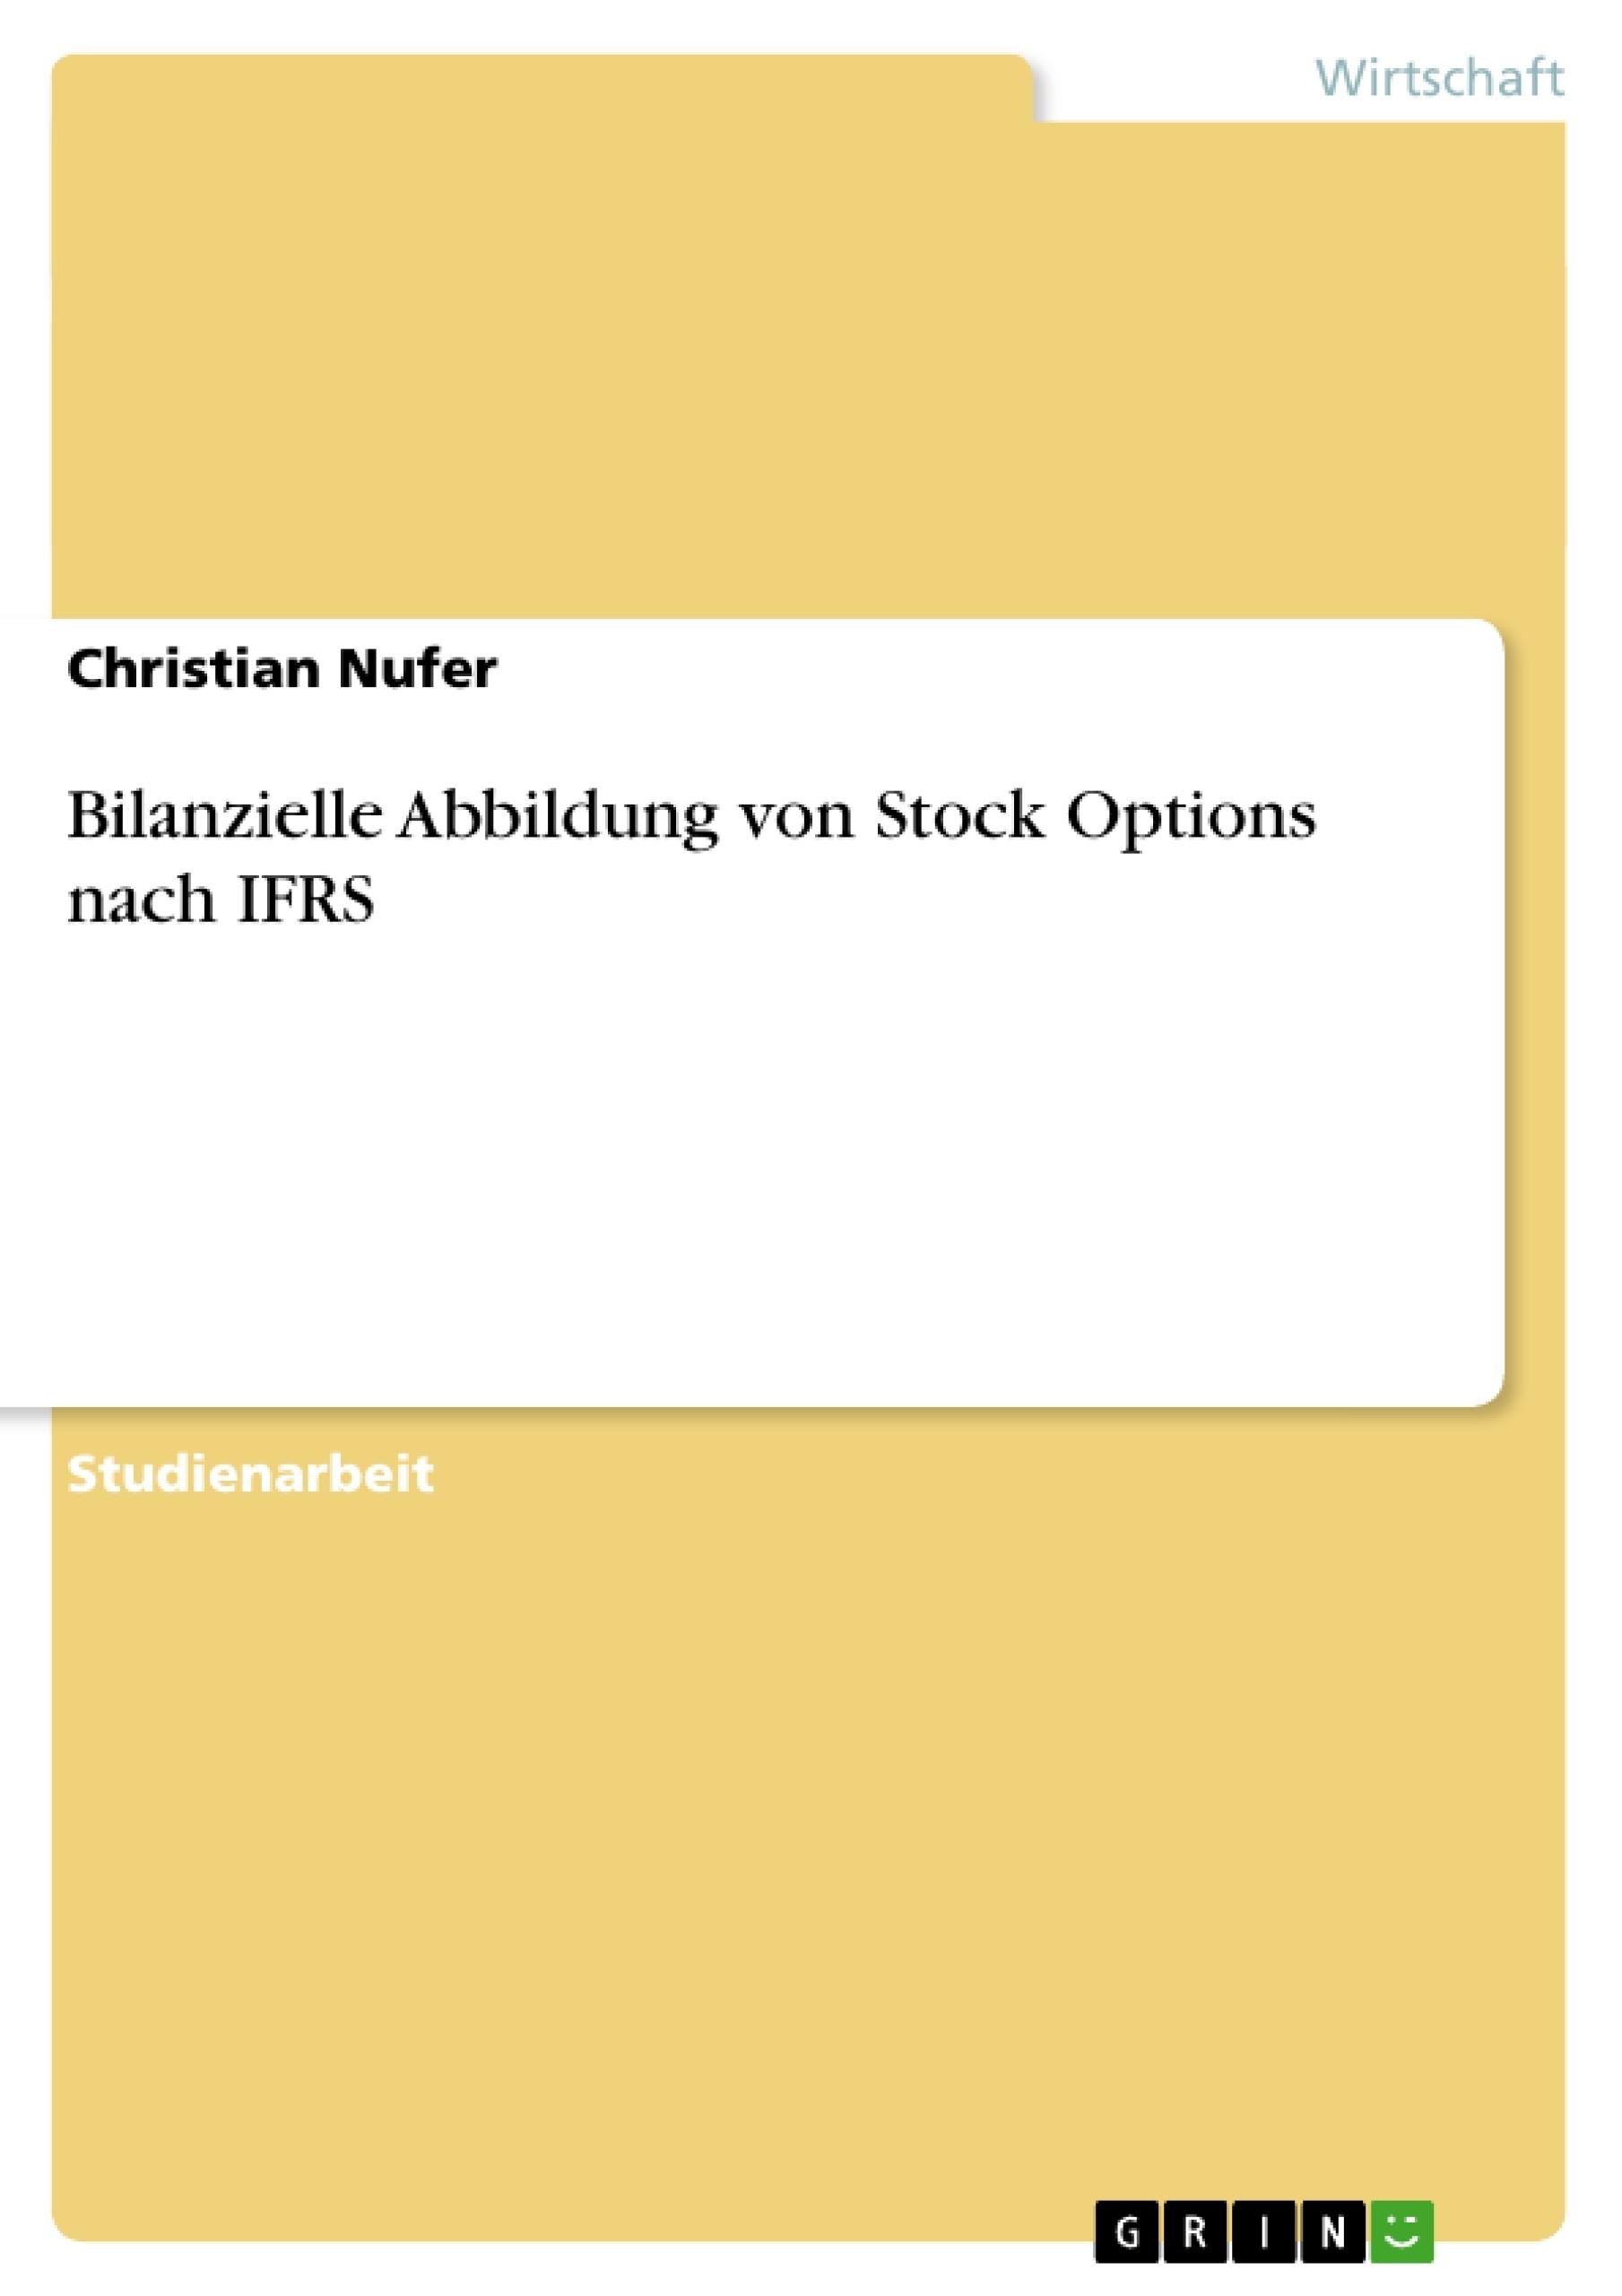 Titel: Bilanzielle Abbildung von Stock Options nach IFRS